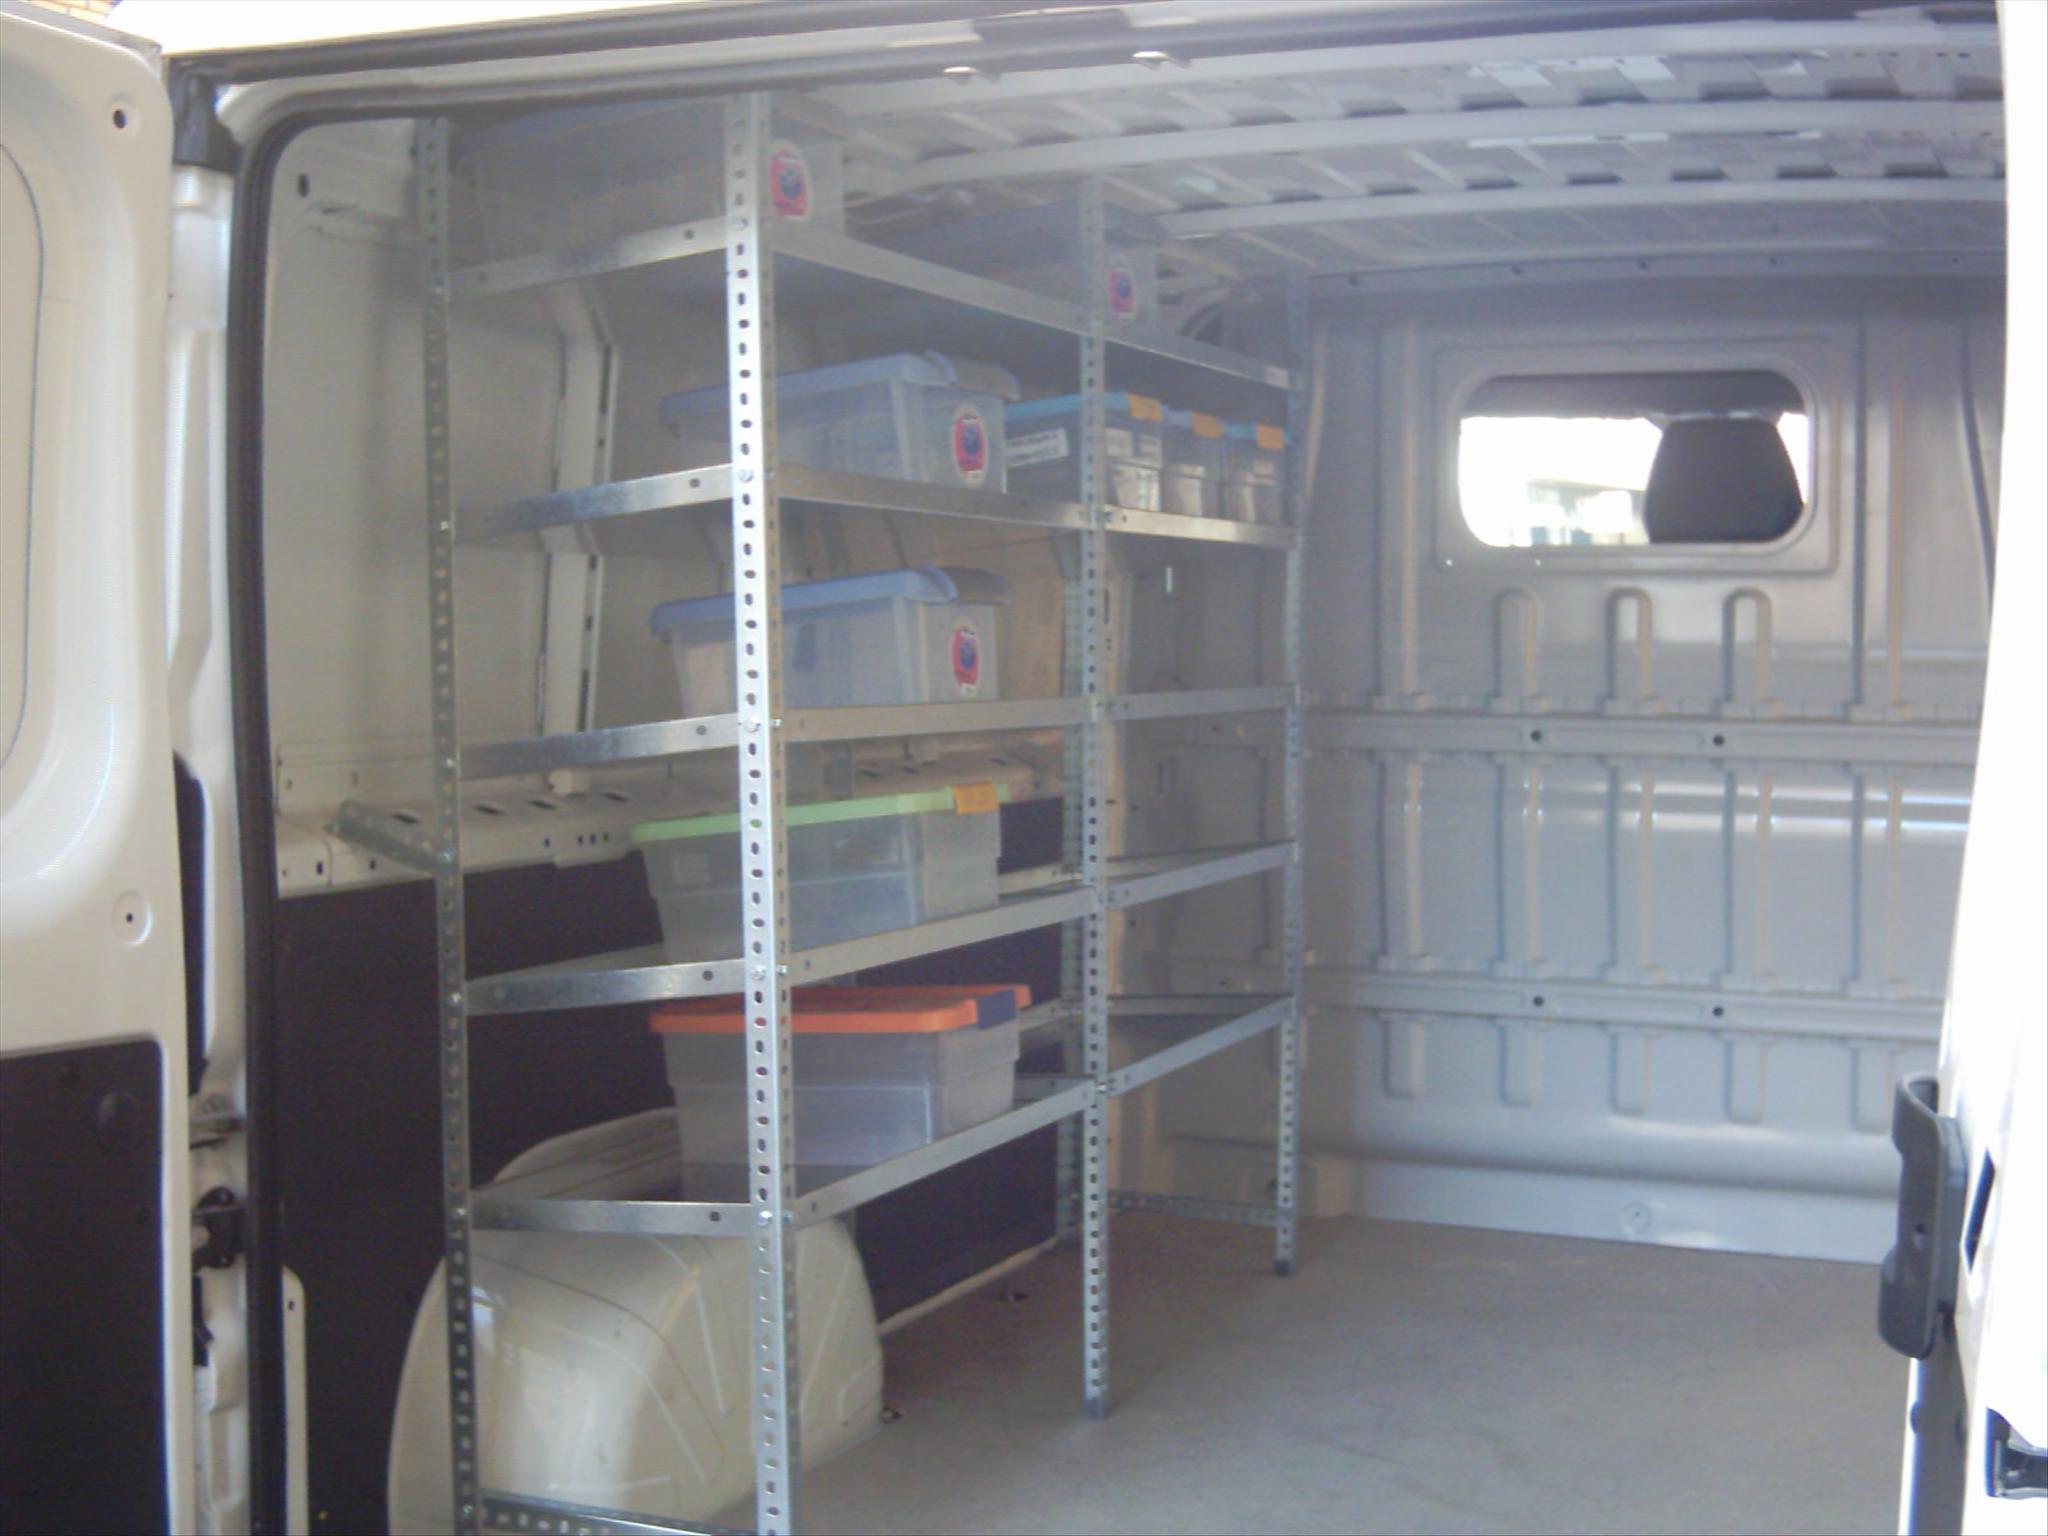 Dise o de estanterias metalicas para furgonetas y - Estanterias metalicas diseno ...